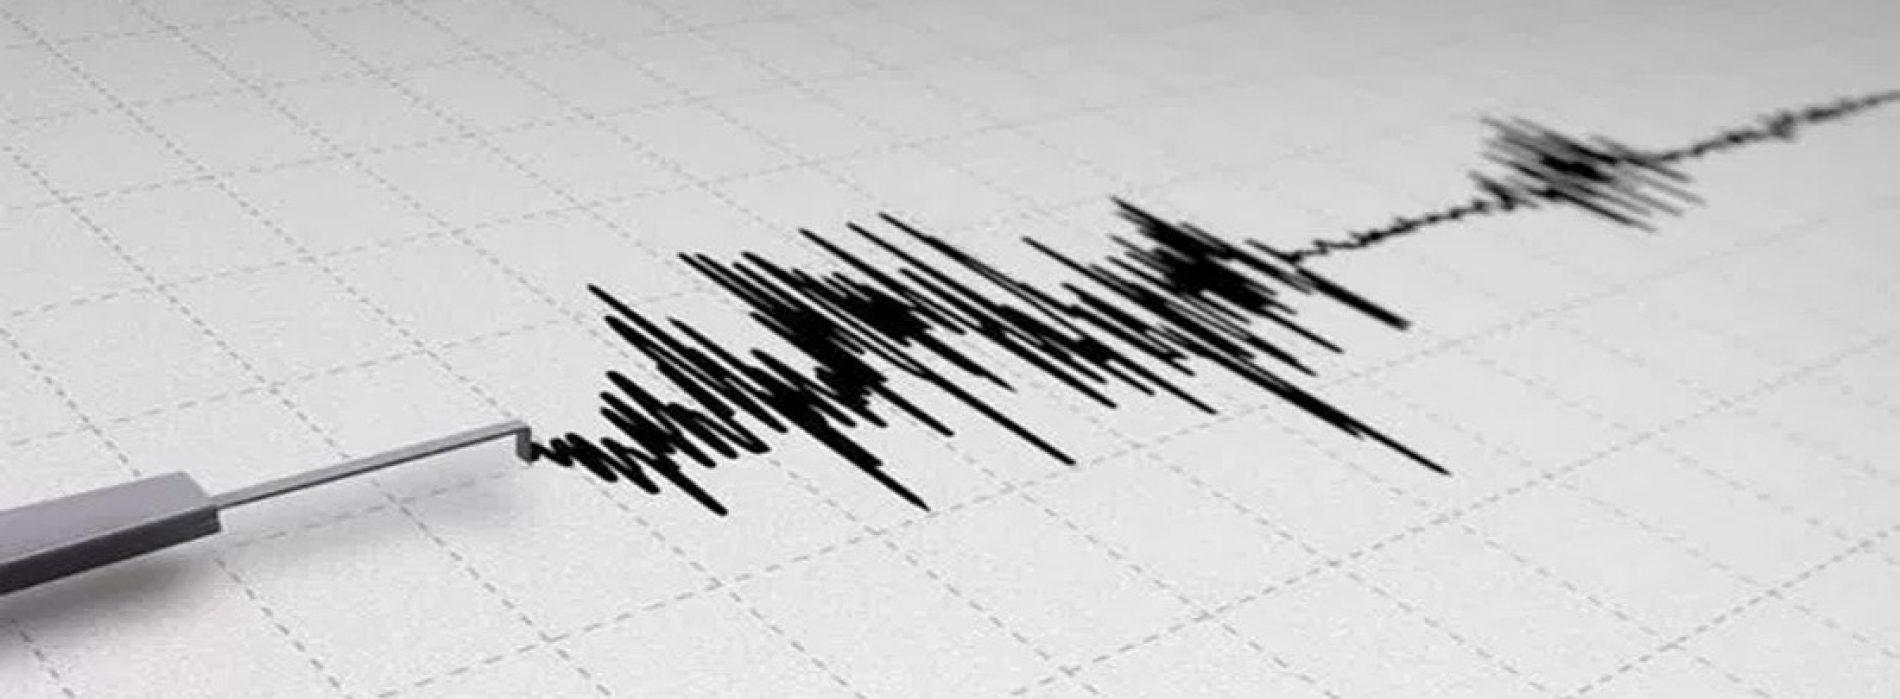 Terremoti: il modello Umbria ha evitato la tragedia